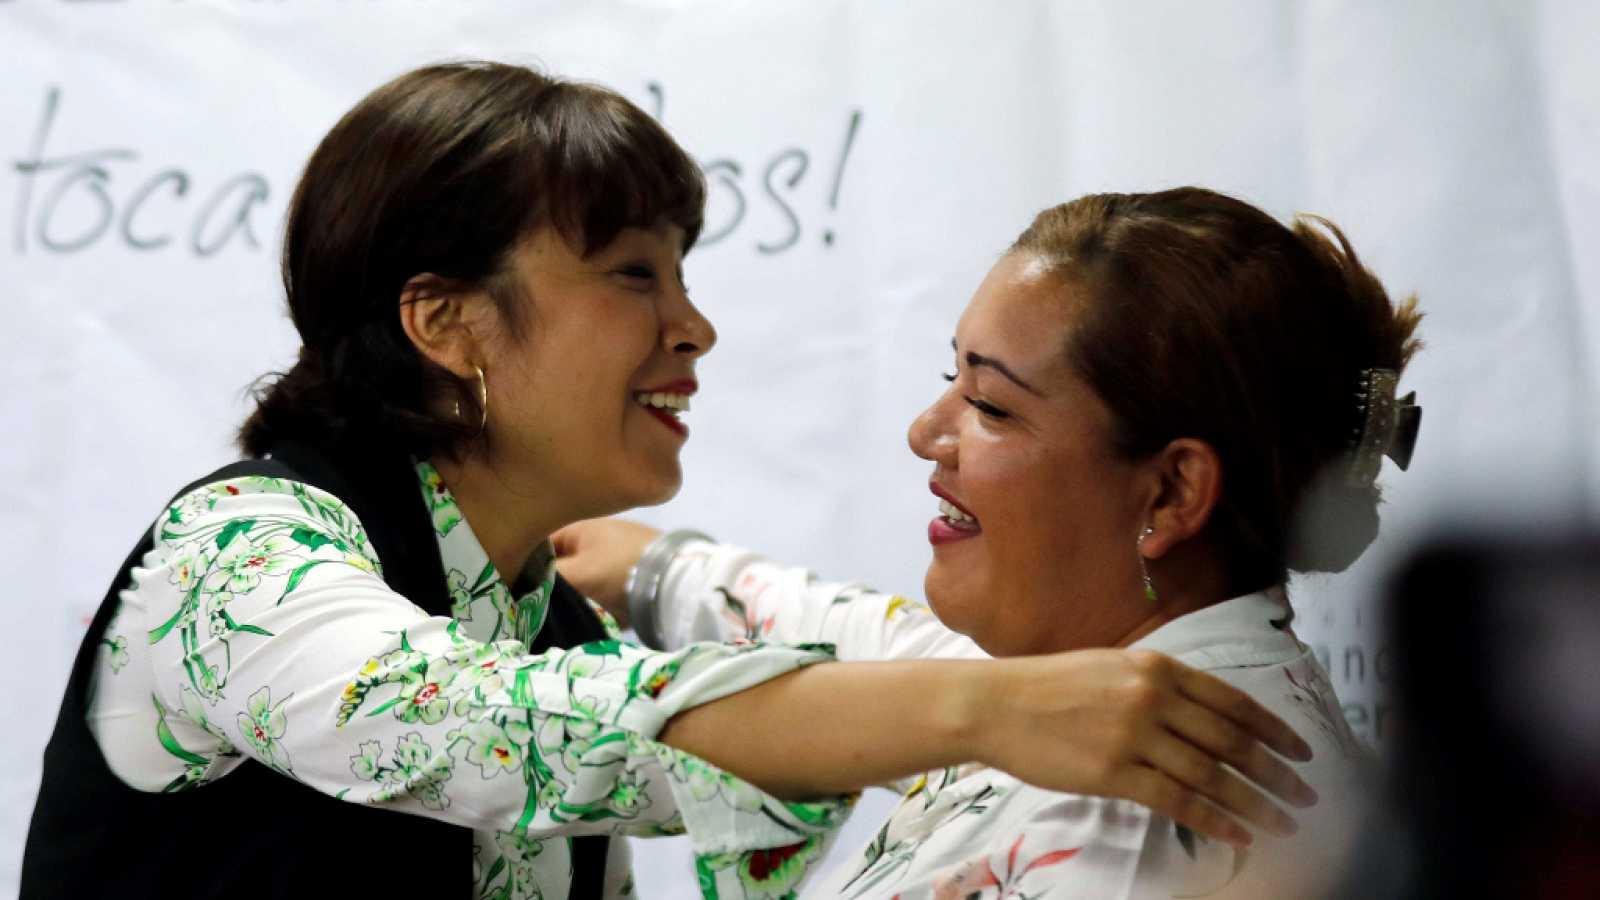 Cinco continentes - Colombia: abrazadas 34 años después - Escuchar ahora